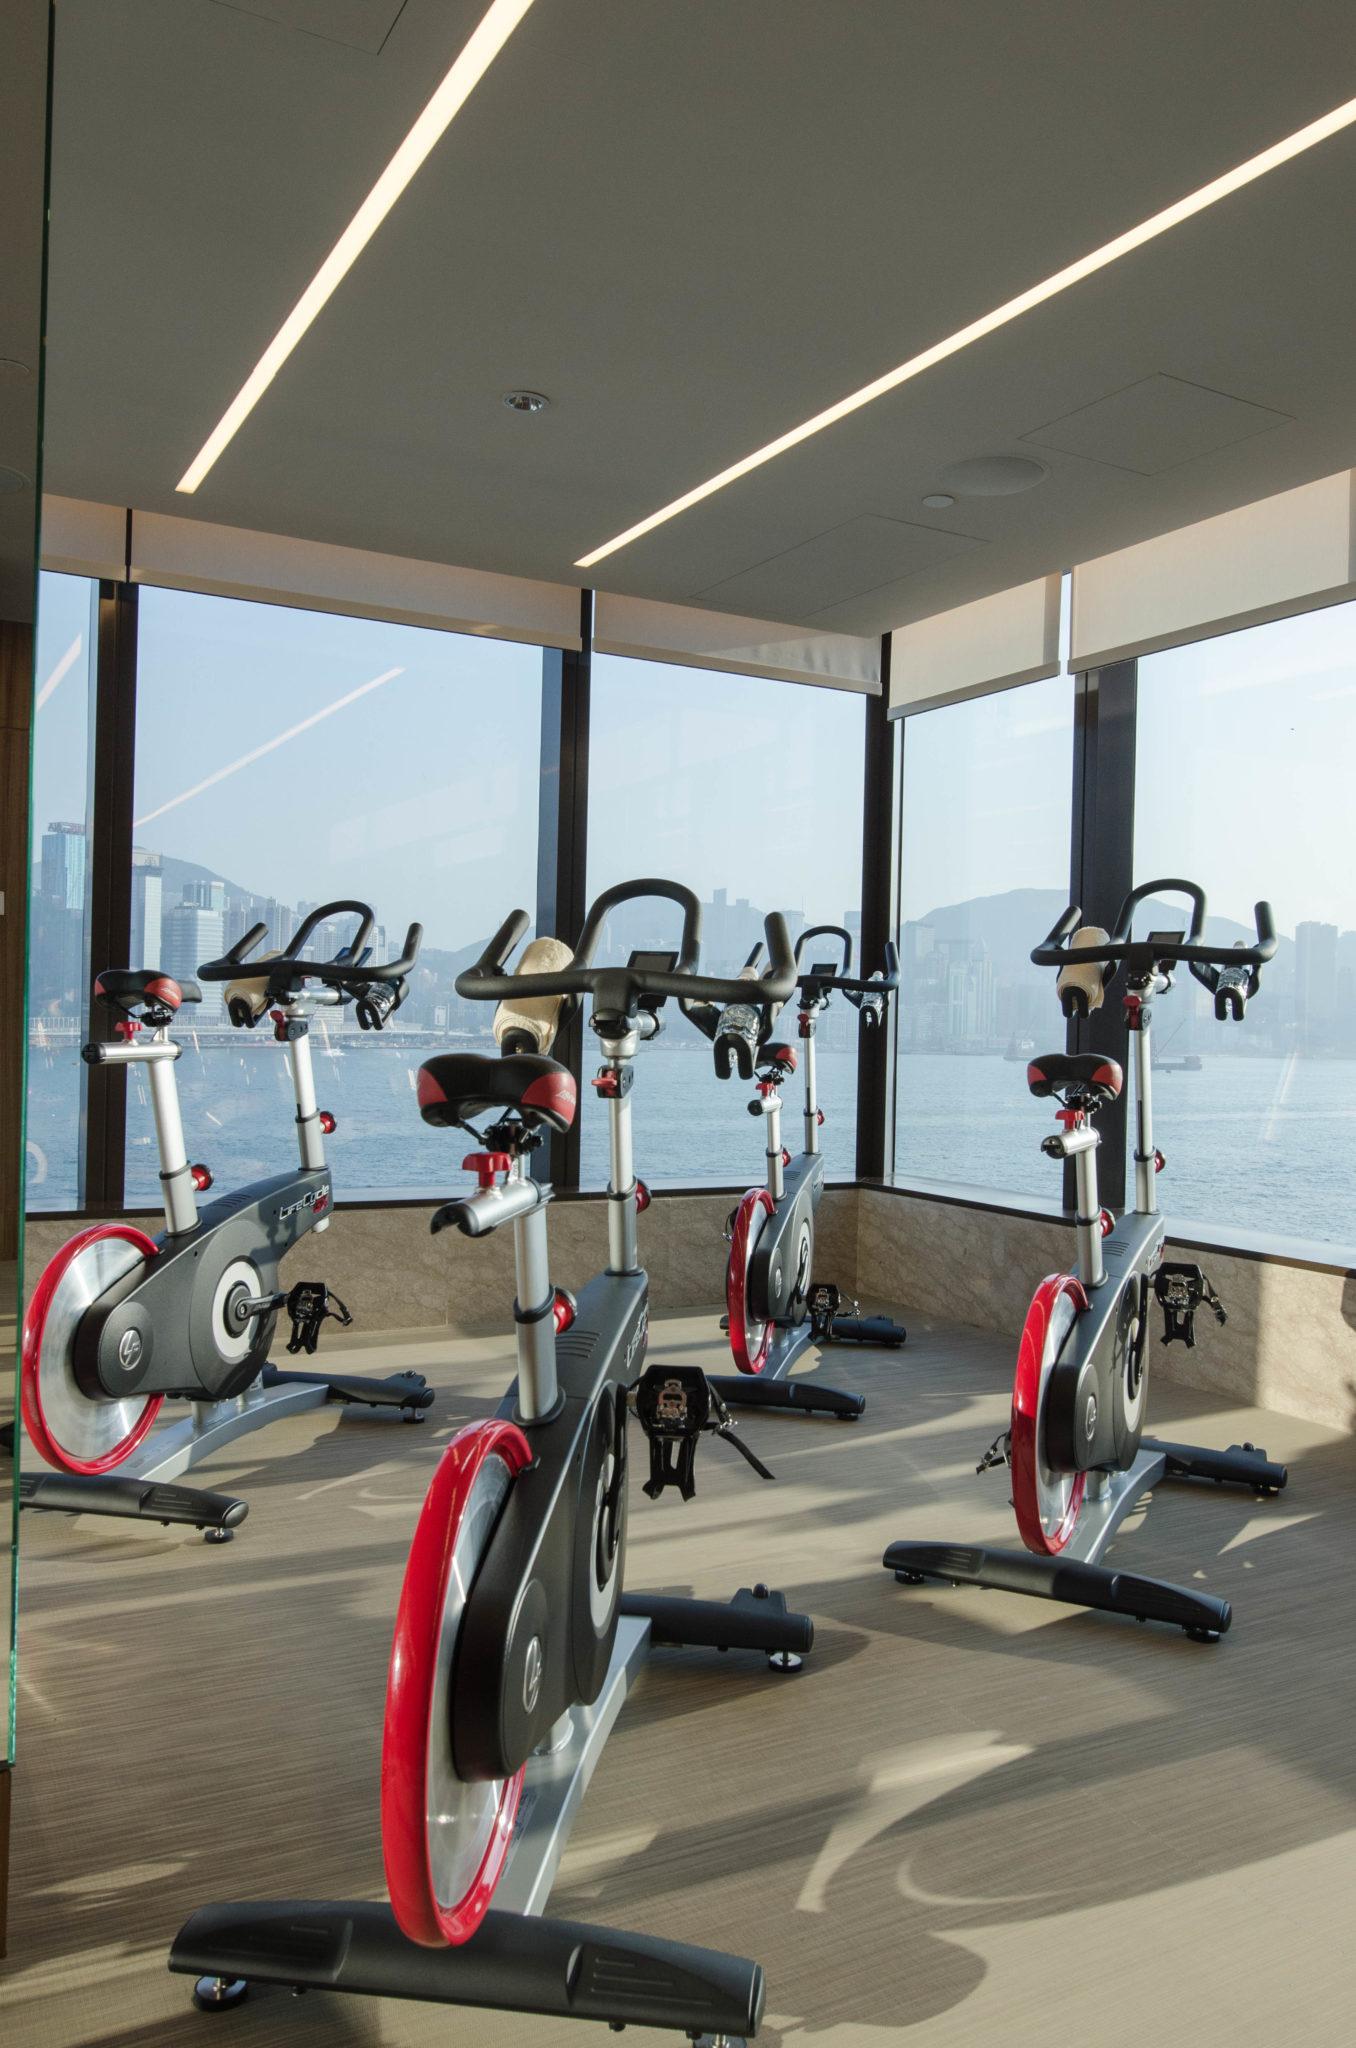 Der Fitnessbereich im Kerry Hotel Hong Kong hat Fahrräder und moderne Geräte.